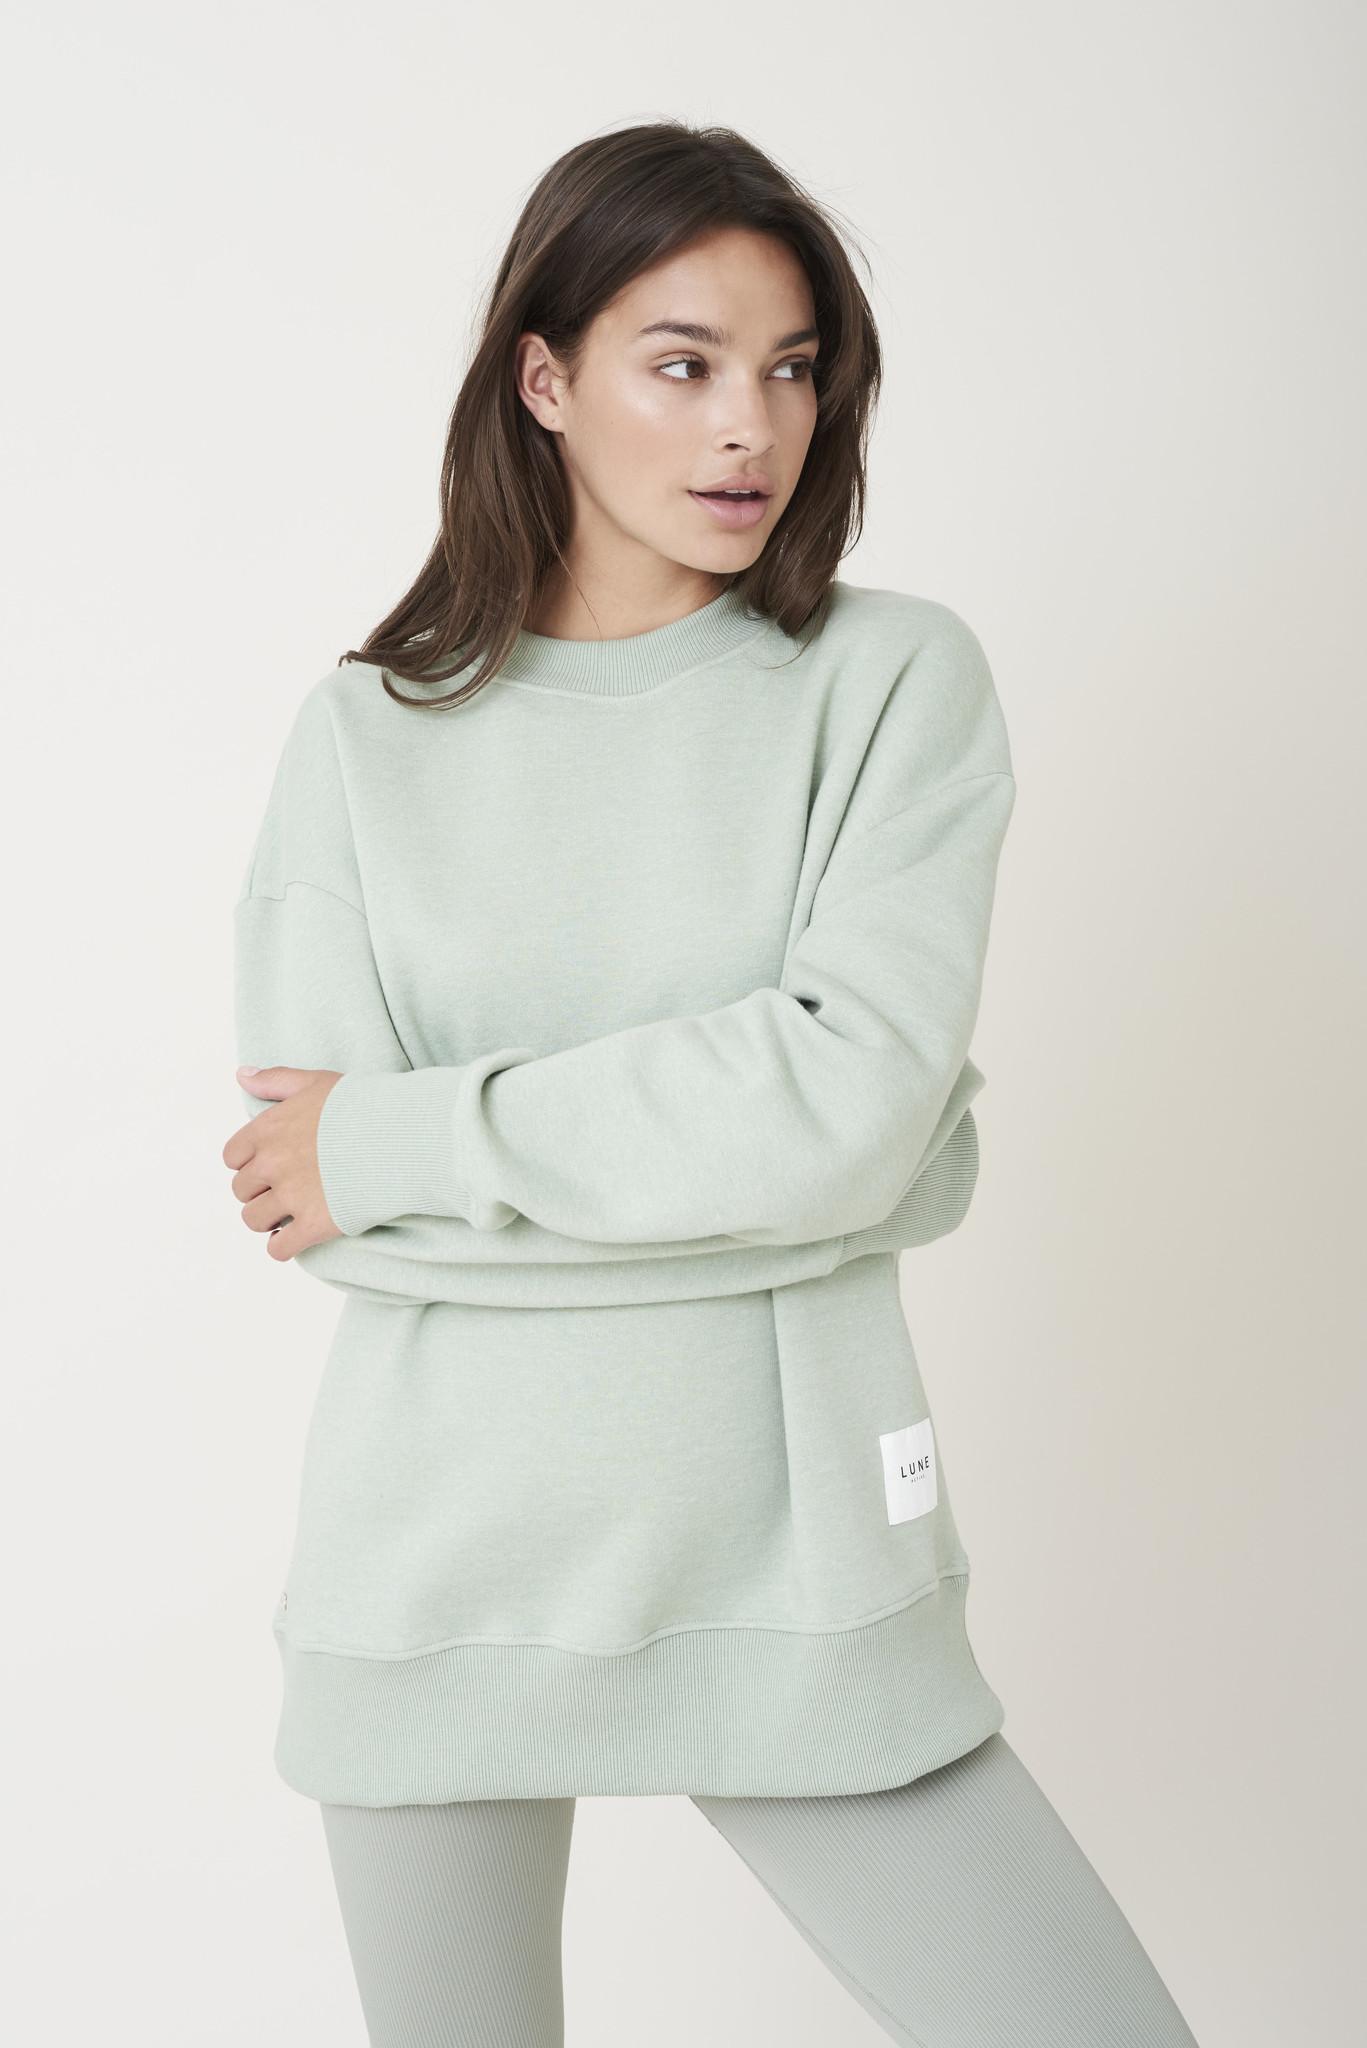 Kylie Sweater - Sage Groen-4